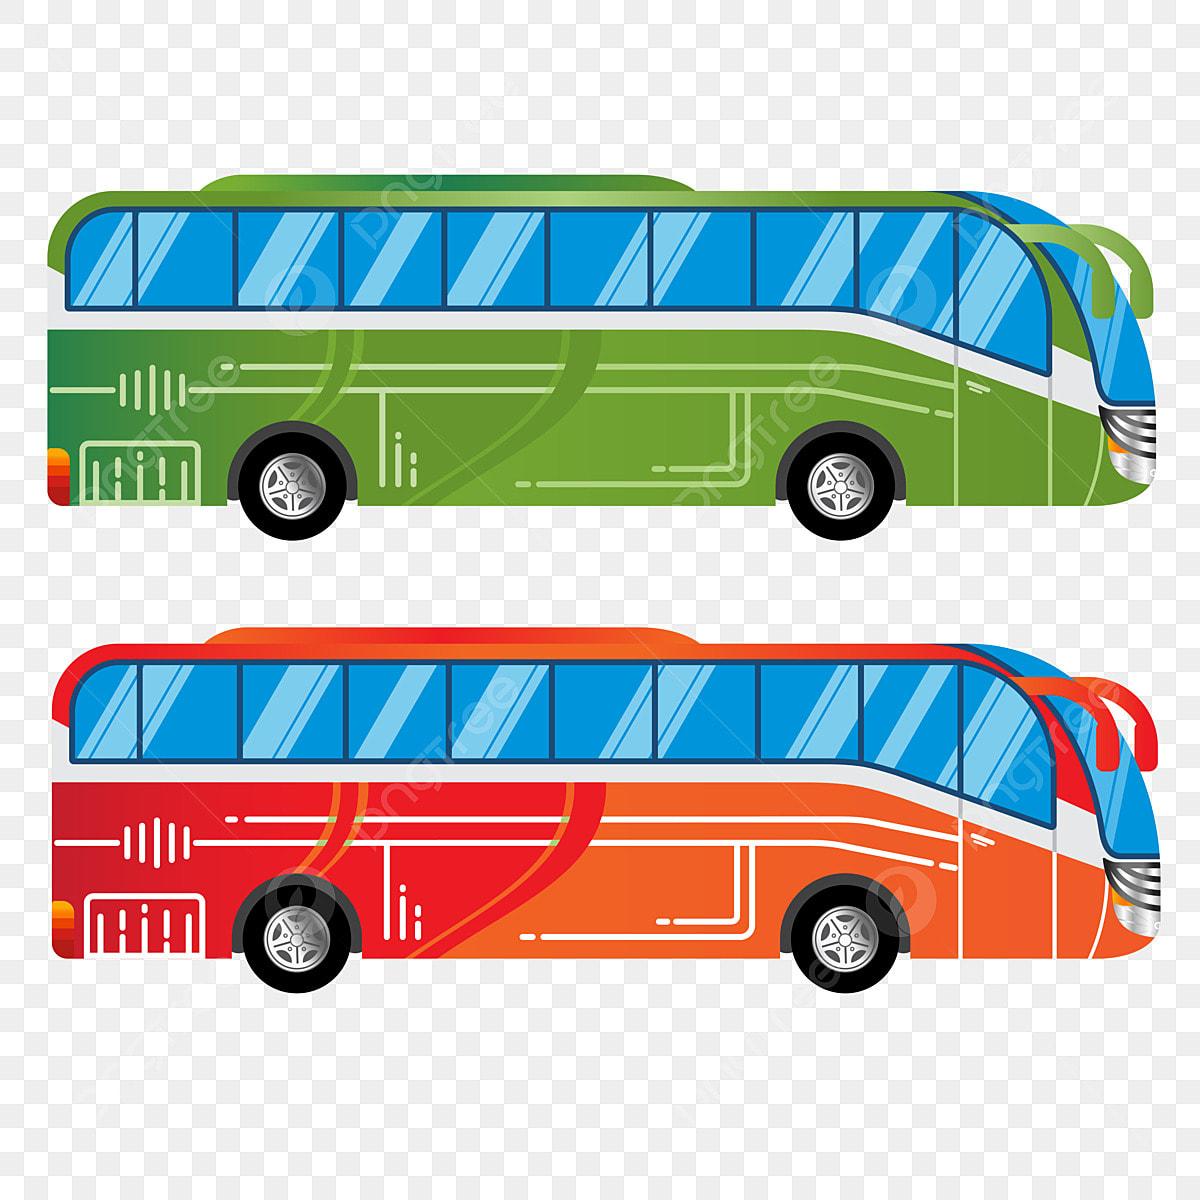 Gambar Realistik Hitam Bas Vektor Kereta Template Rata Vektor Vektor Ilustrasi Iklan Pengiklanan Latar Belakang Png Dan Vektor Untuk Muat Turun Percuma